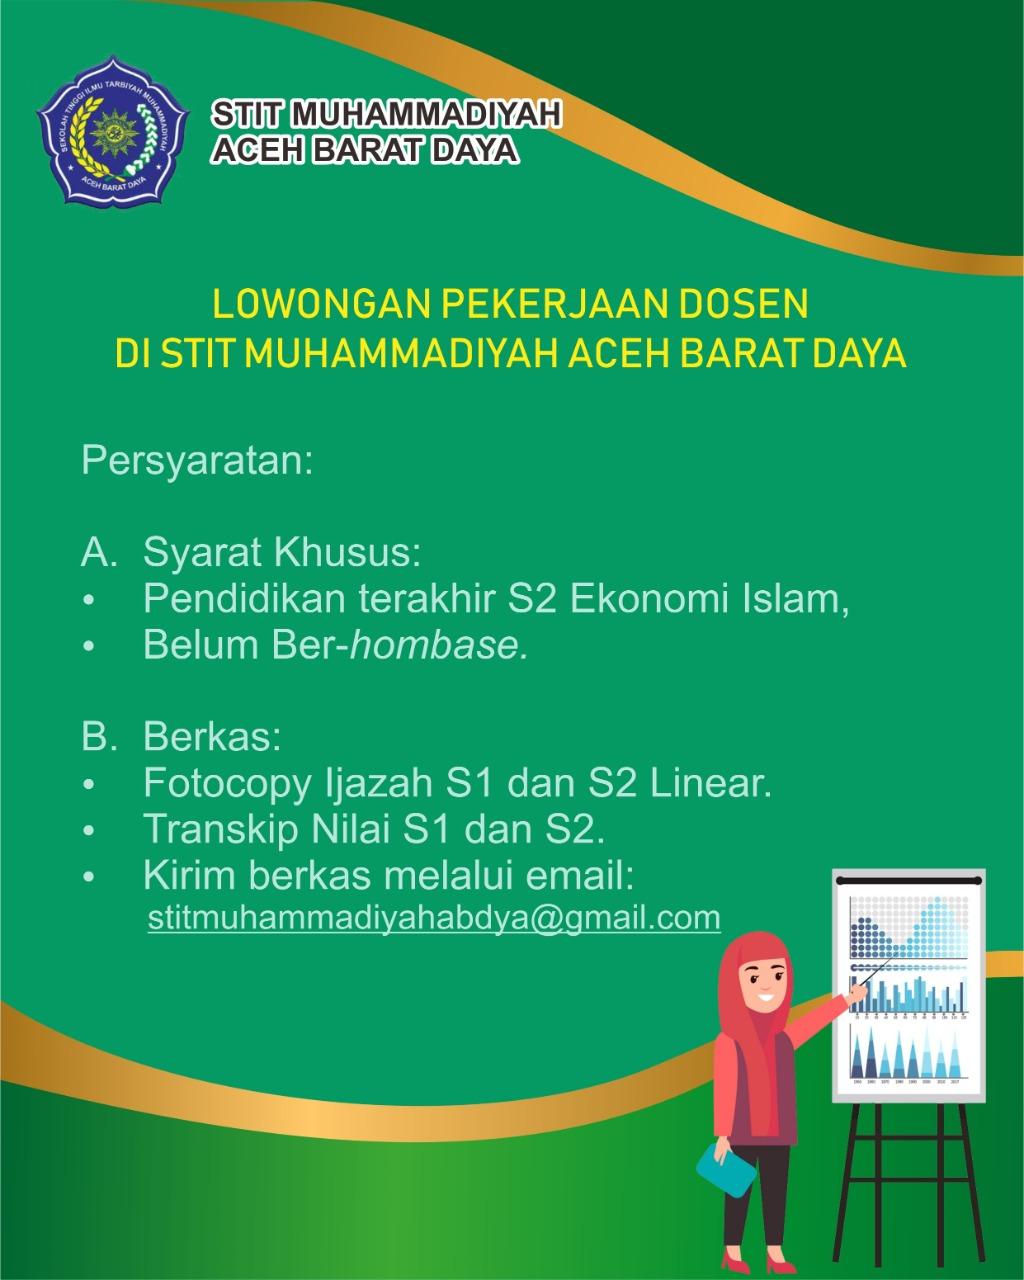 Lowongan Kerja Dosen Di Aceh